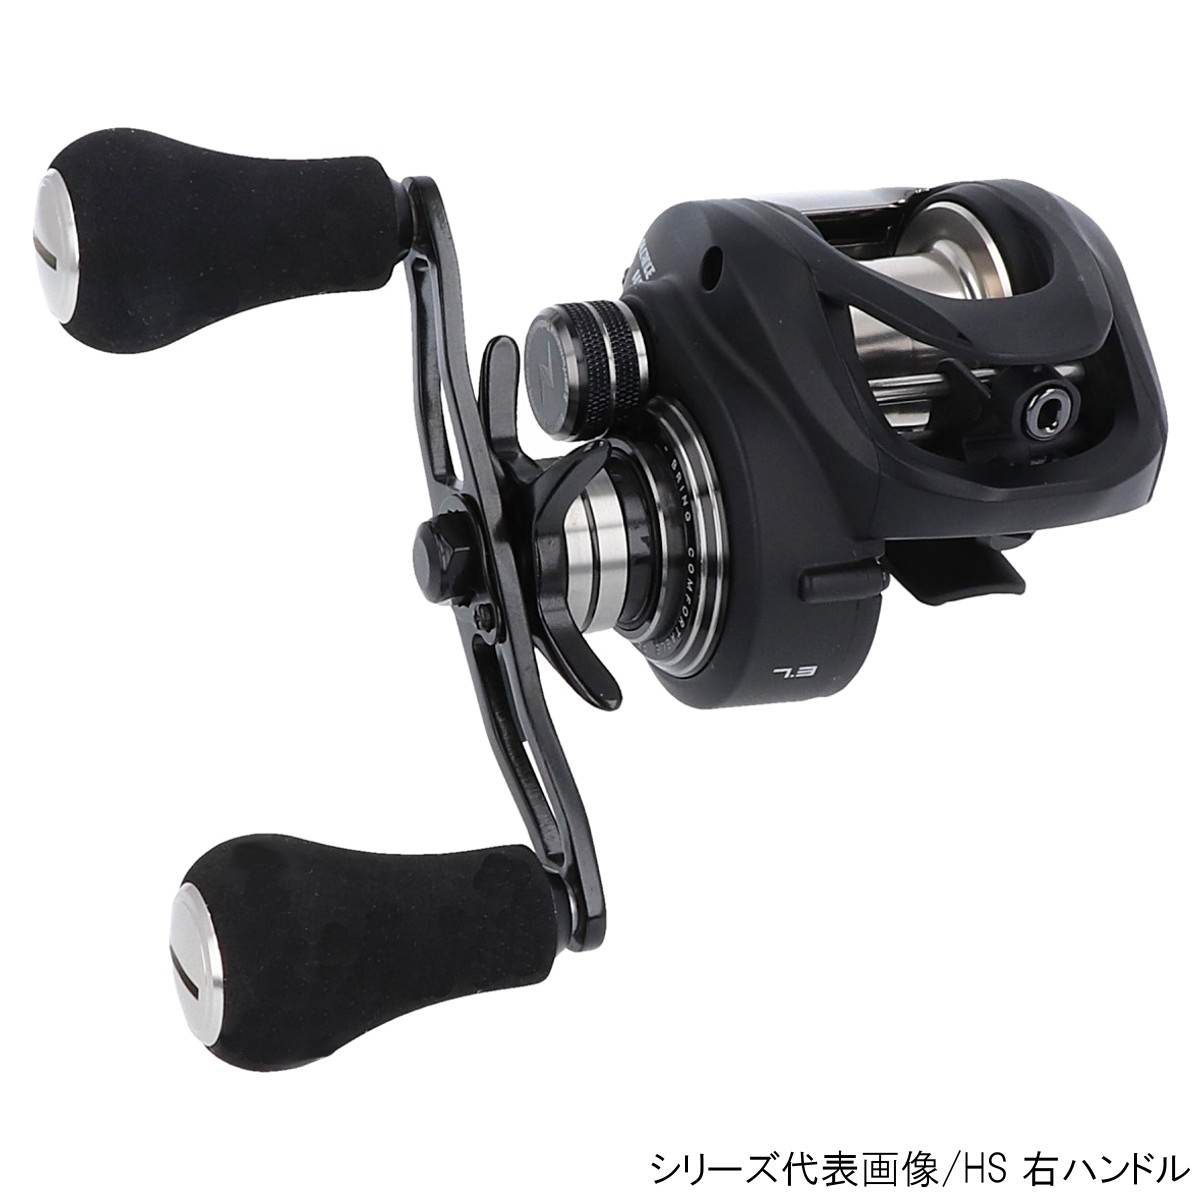 ジーピーアイ ALCANCE XS 右ハンドル(東日本店)